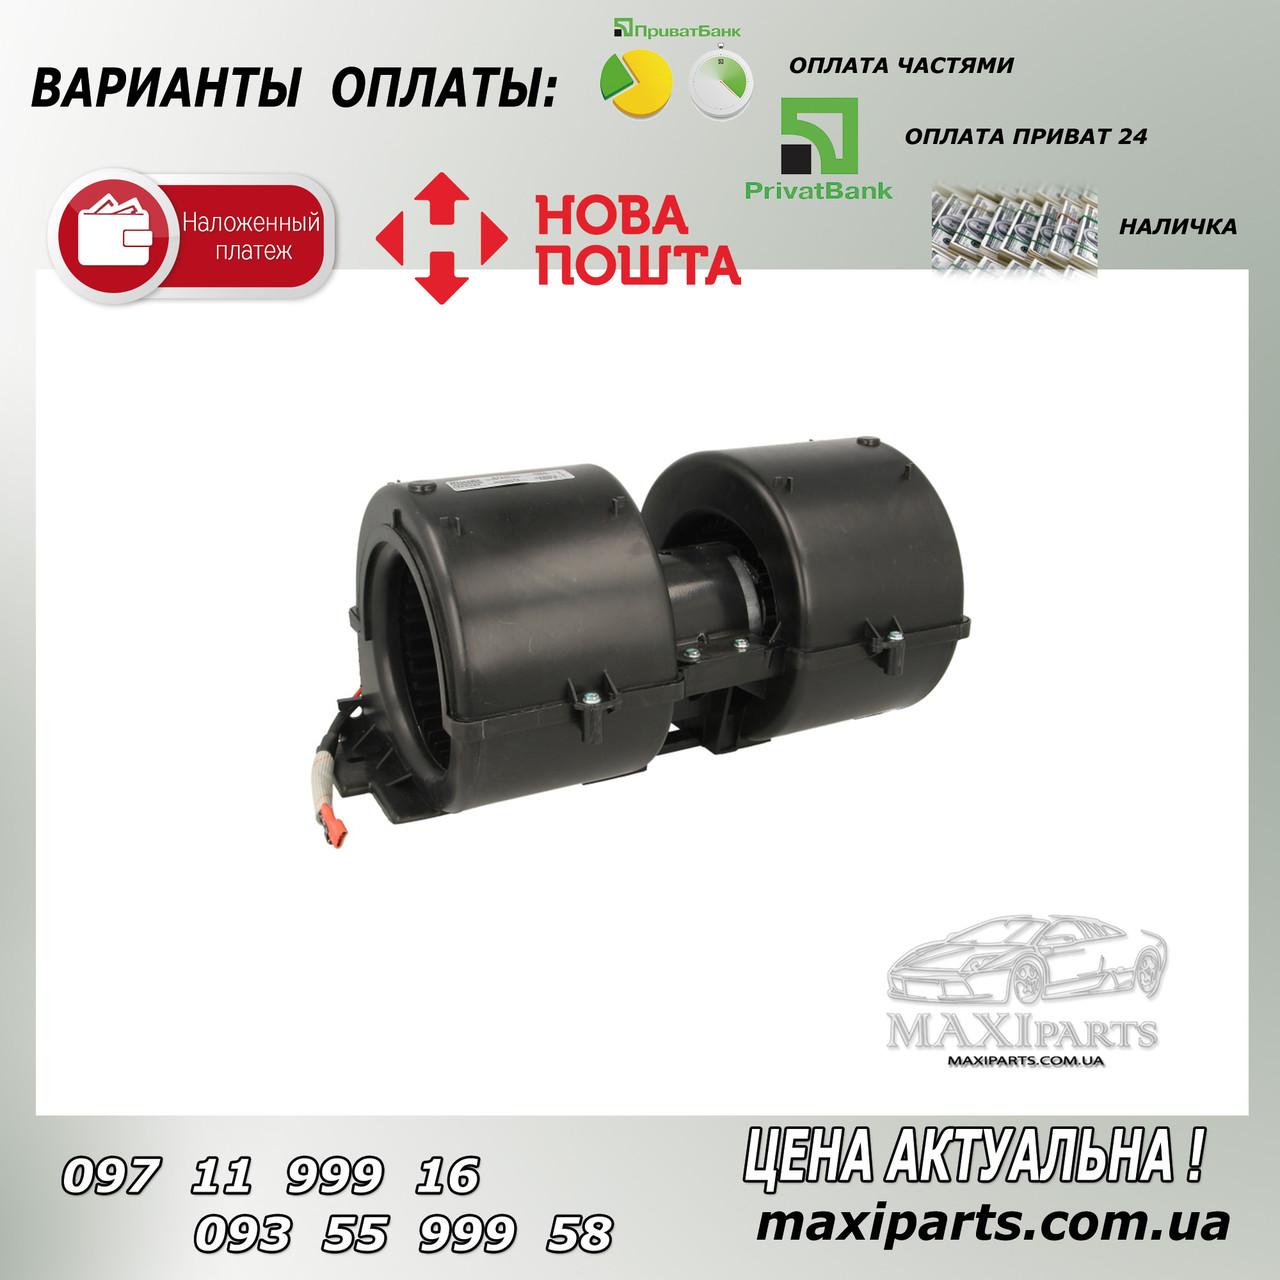 Вентилятор салона RVI - RENAULT PREMIUM (00-) 370 DCI/11 nissens 87140